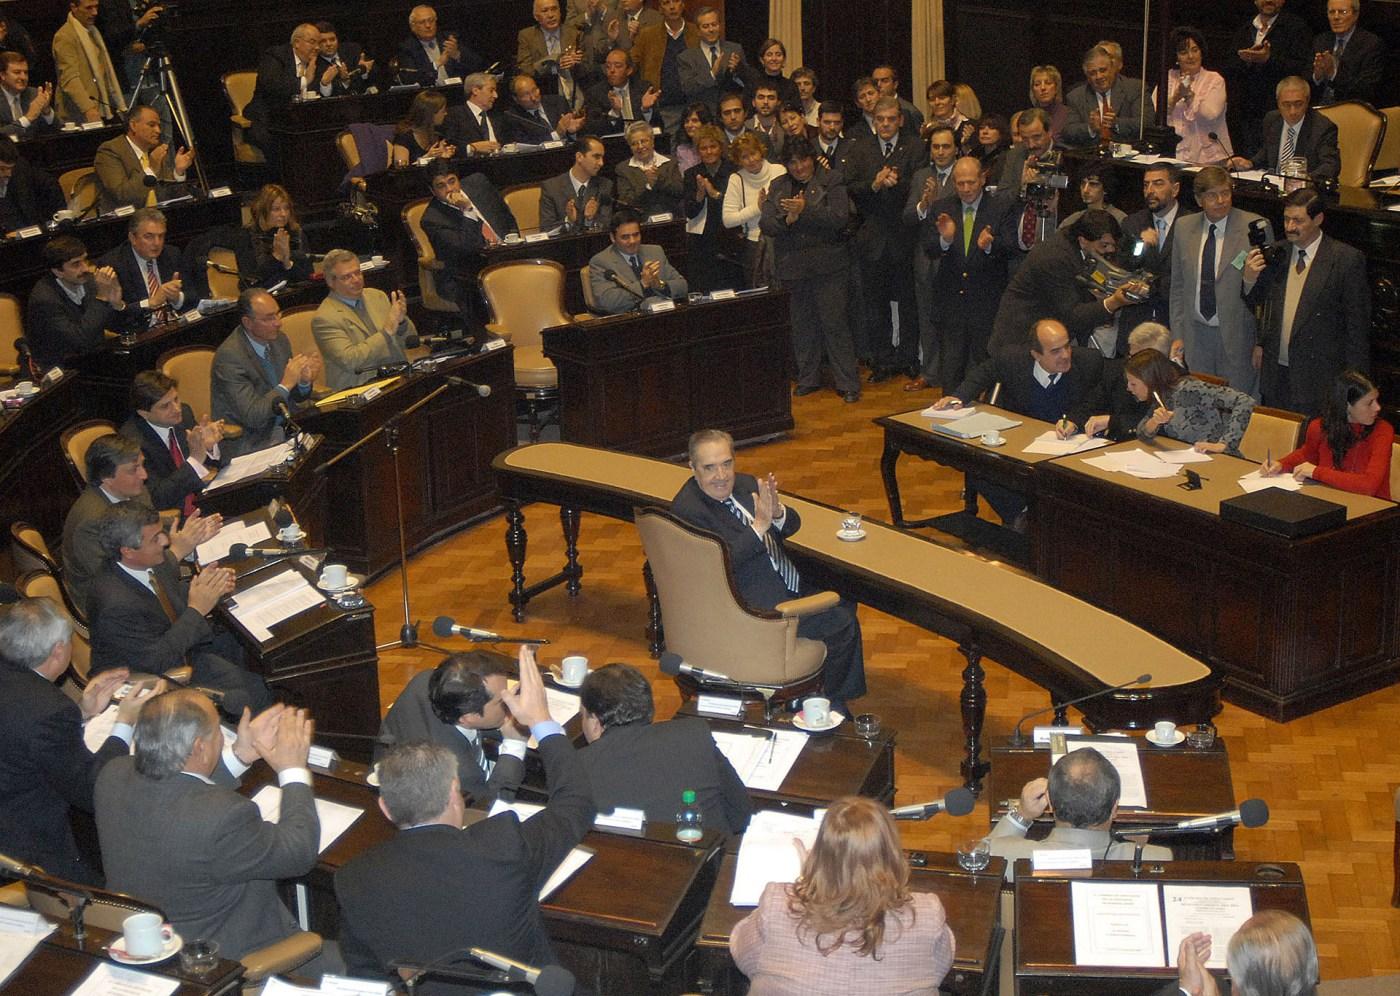 """Durante una emotiva ceremonia que se desarrolló en la Cámara de Diputados bonaerense, Alfonsín fue declarado """"Ciudadano Ilustre"""" de la provincia"""